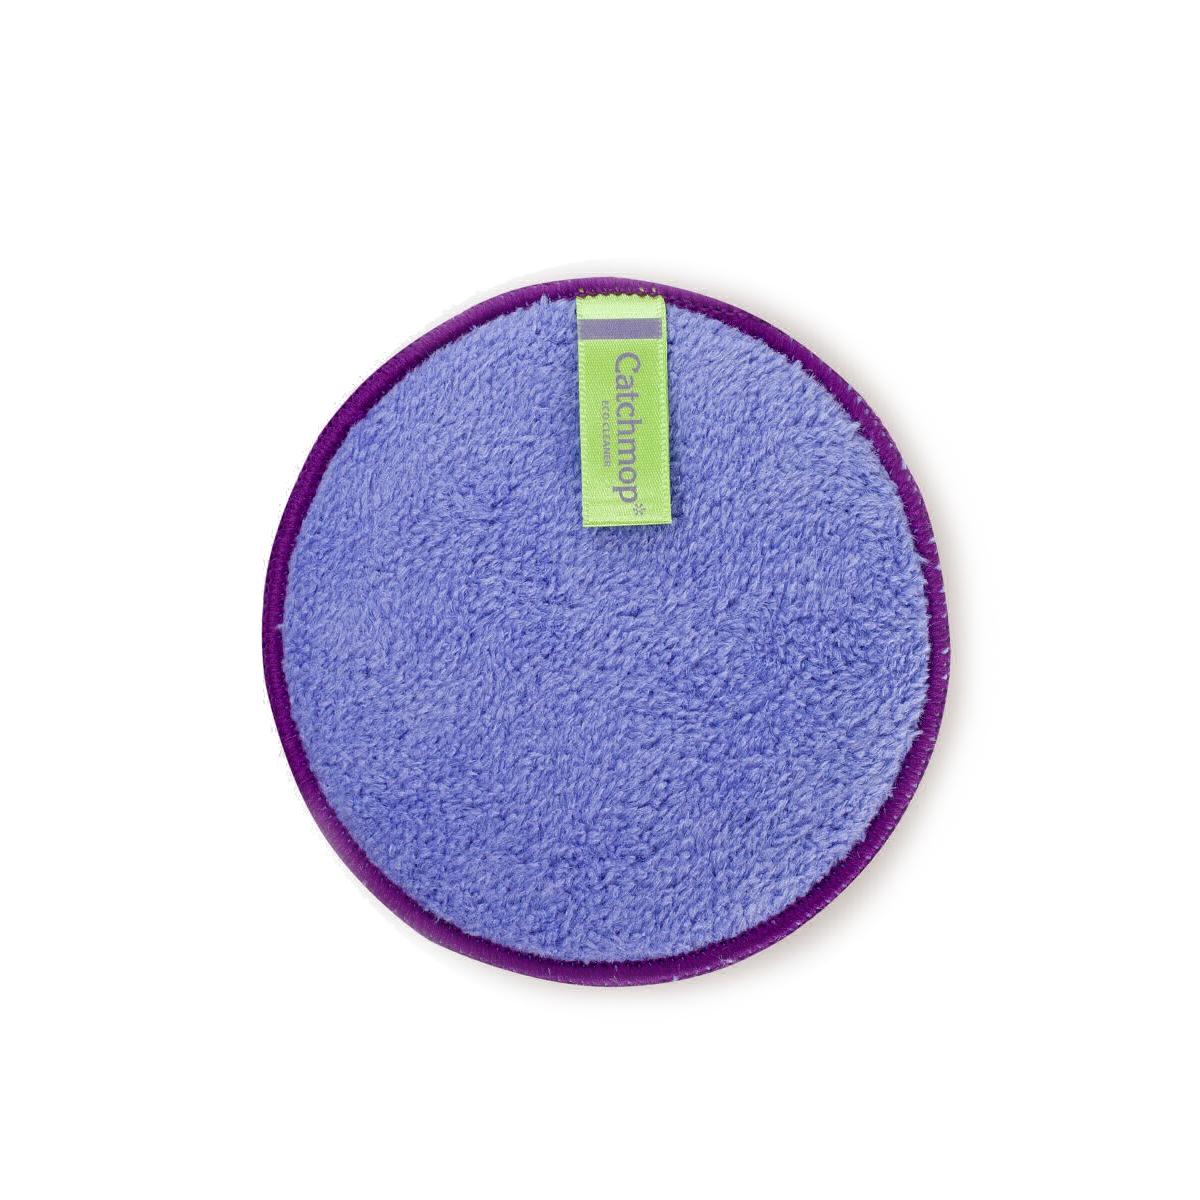 Фото - Чистящий спонж Catchmop для уборки 12х12 см набор чистота легко catchmop duo fect 8 предметов